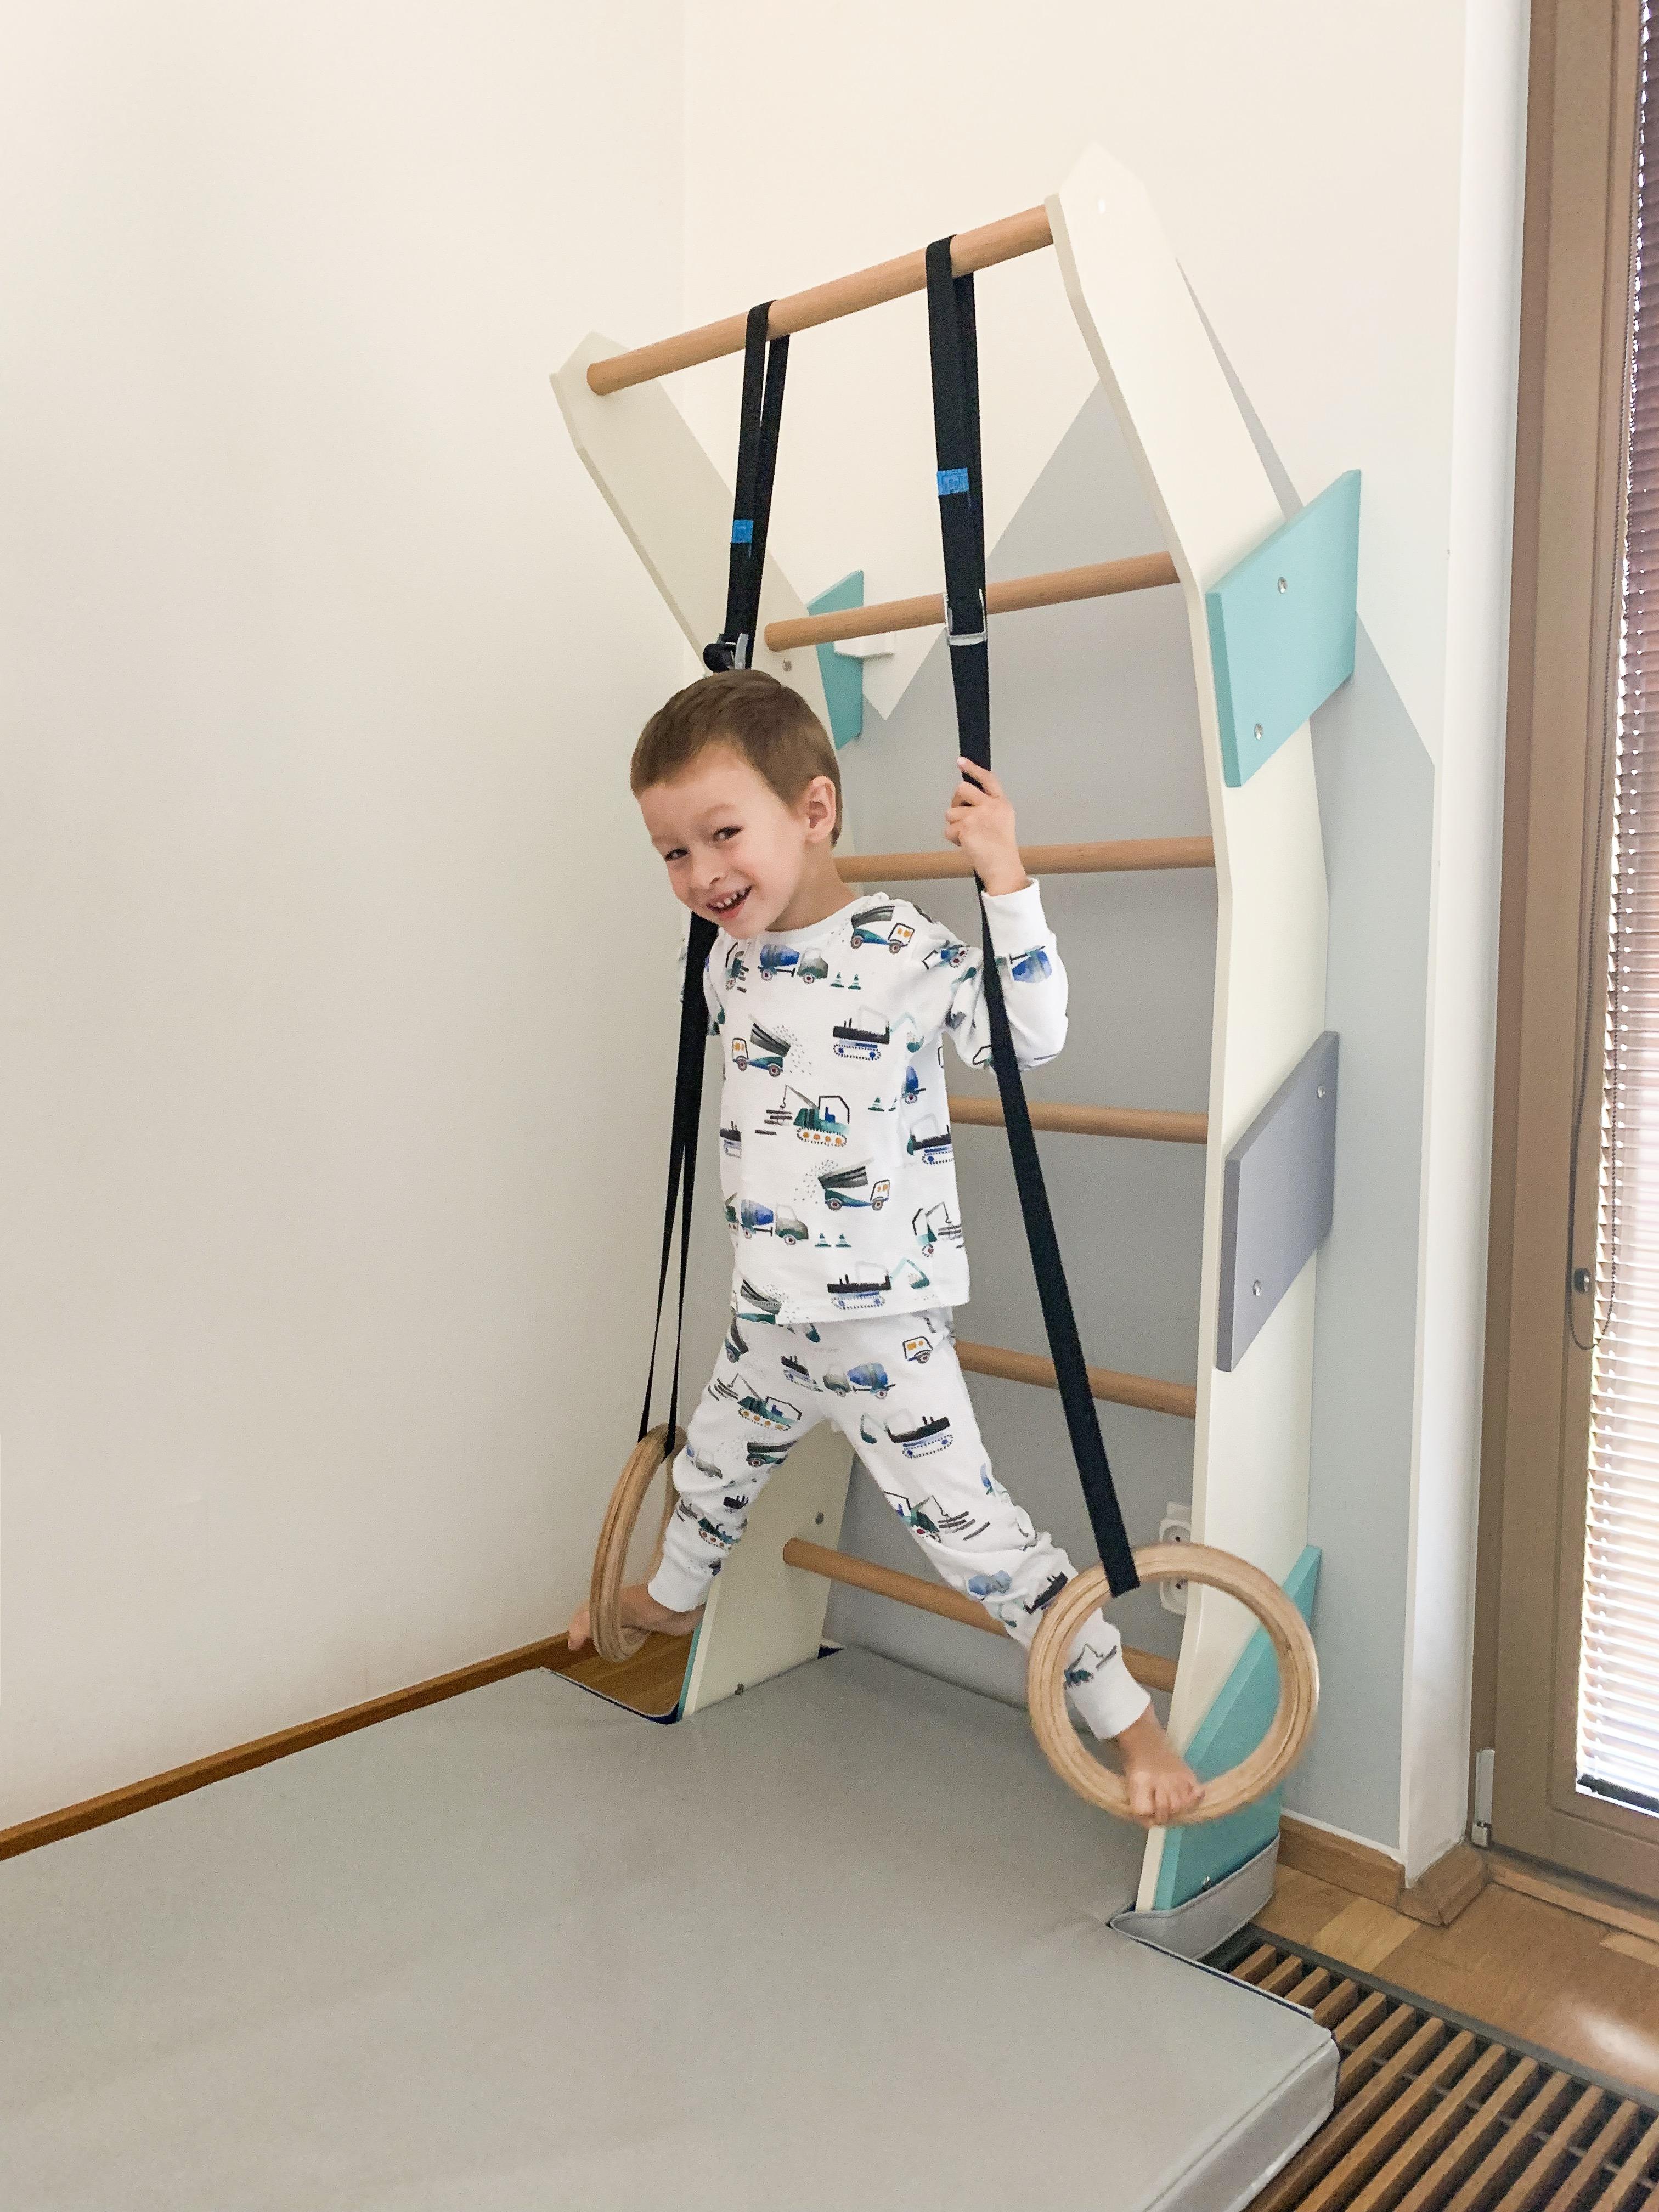 Děti a cvičení? Co na to fyzioterapeutka?